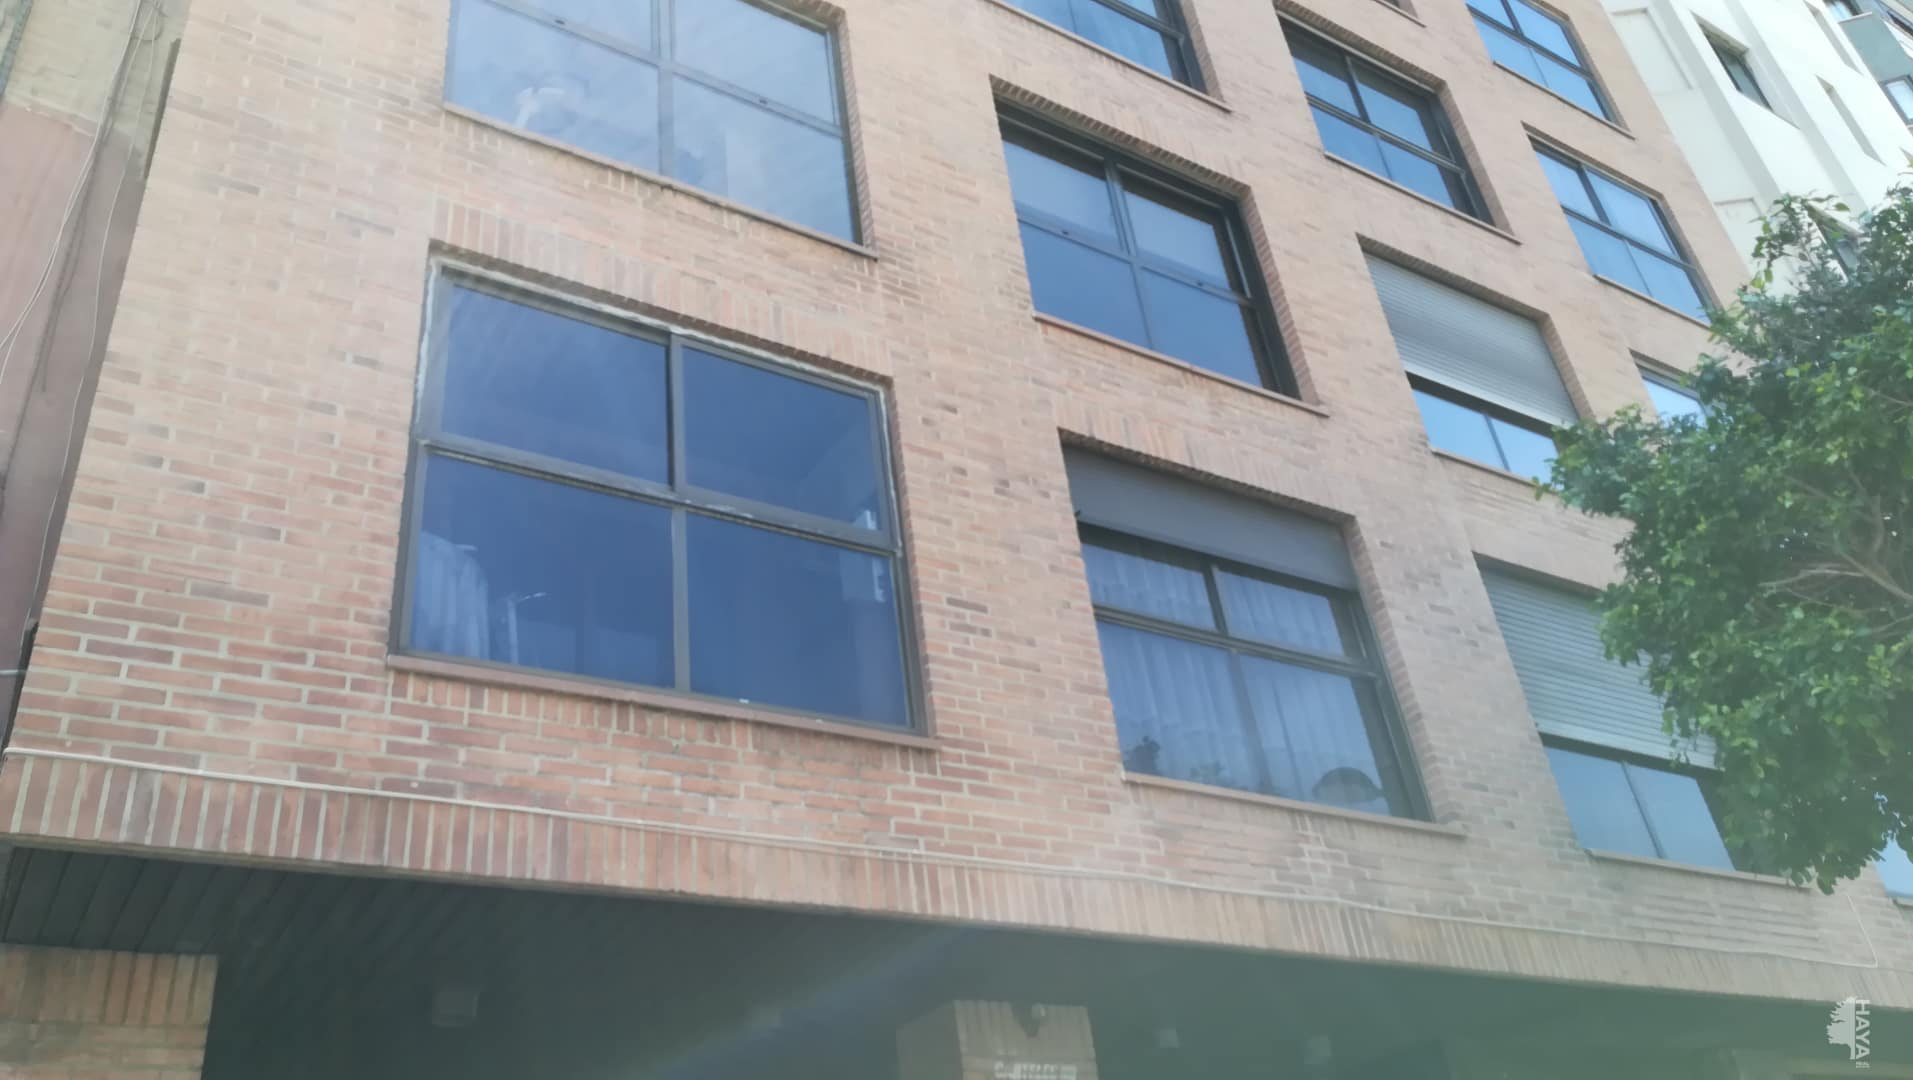 Piso en venta en Valencia, Valencia, Avenida del Puerto, 319.680 €, 4 habitaciones, 2 baños, 165 m2